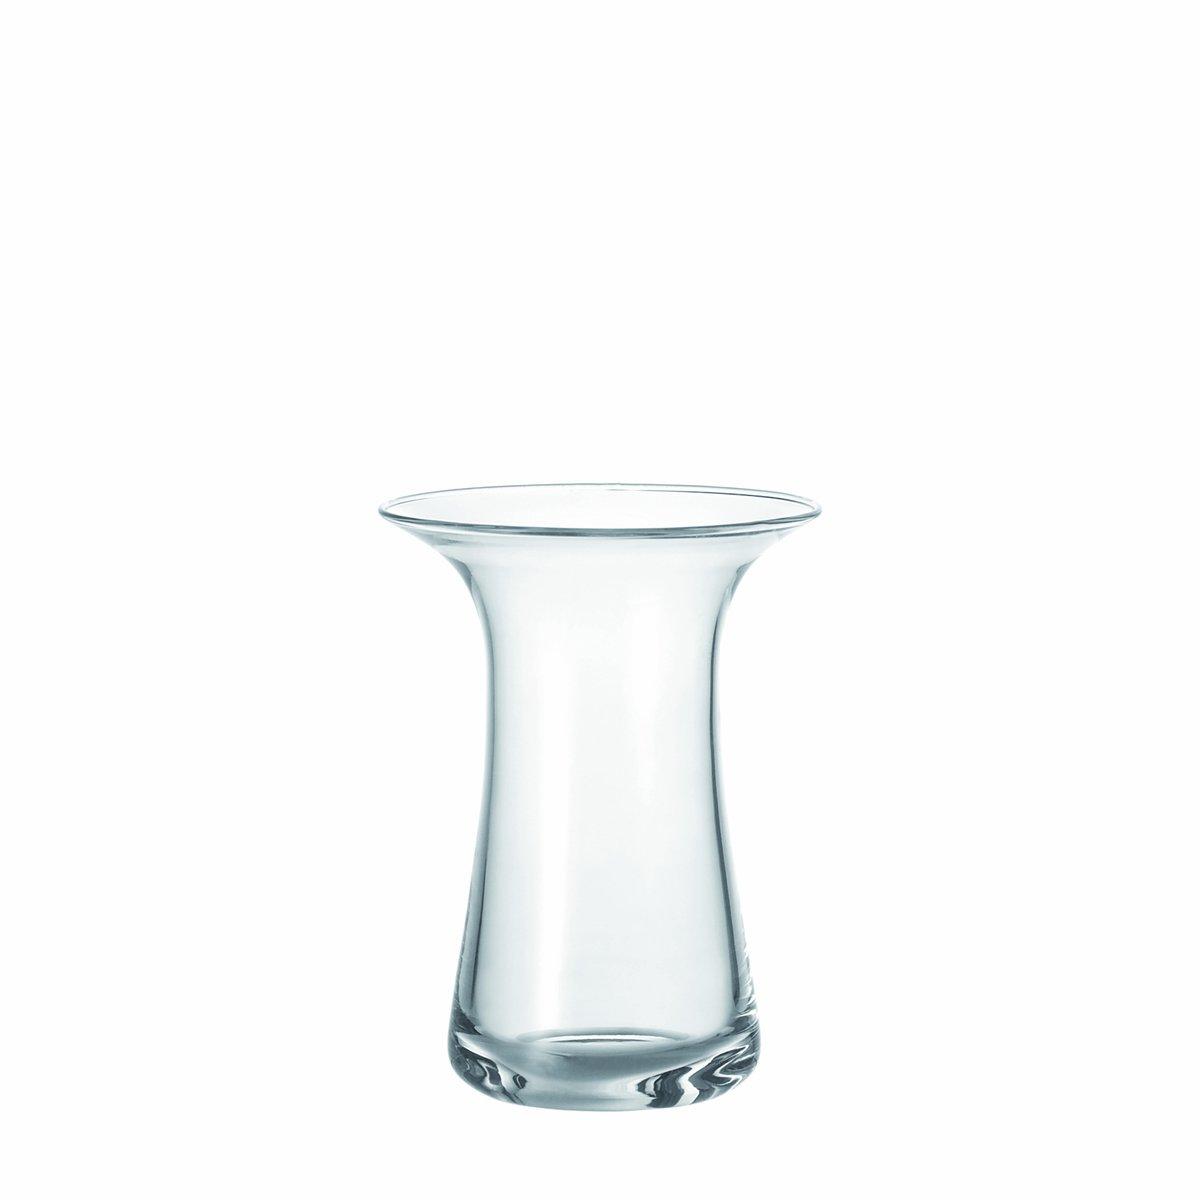 LEONARDO 30727 Vase 22 Fluent